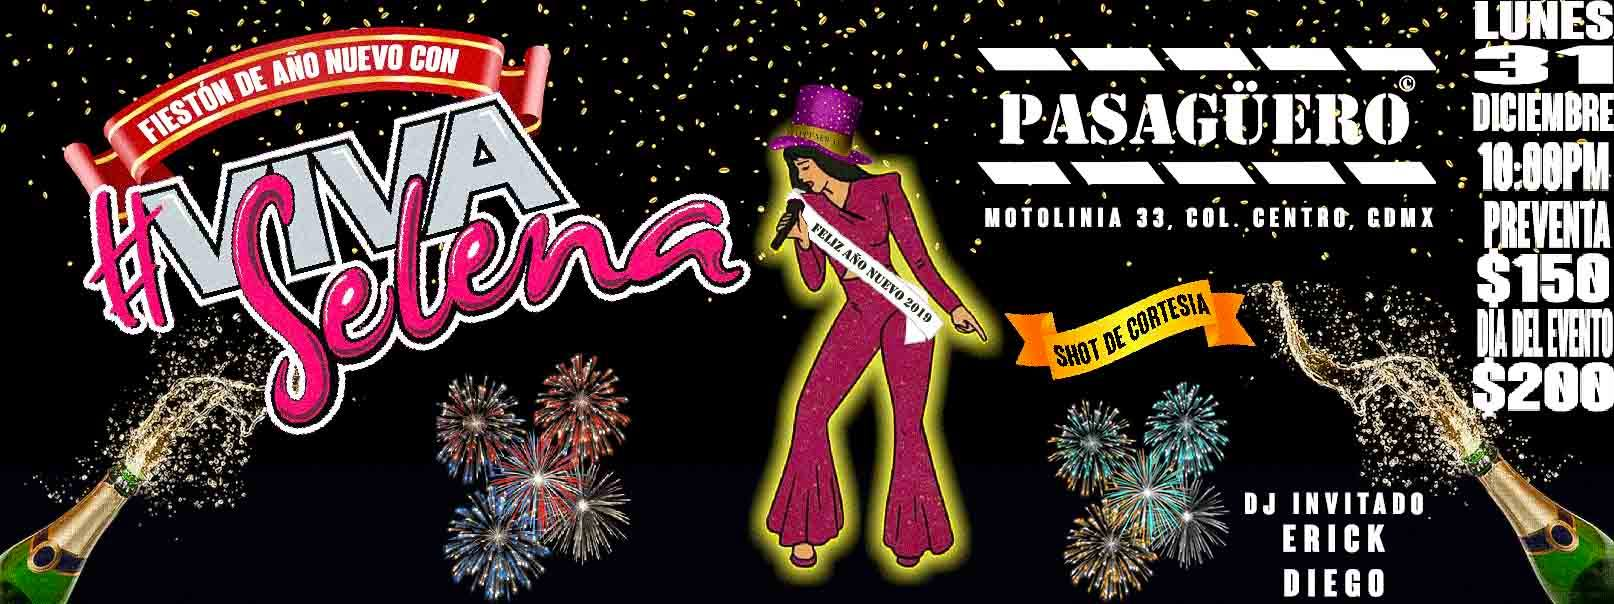 lugares-para-festejar-ano-nuevo-fiesta-after-cdmx-2019